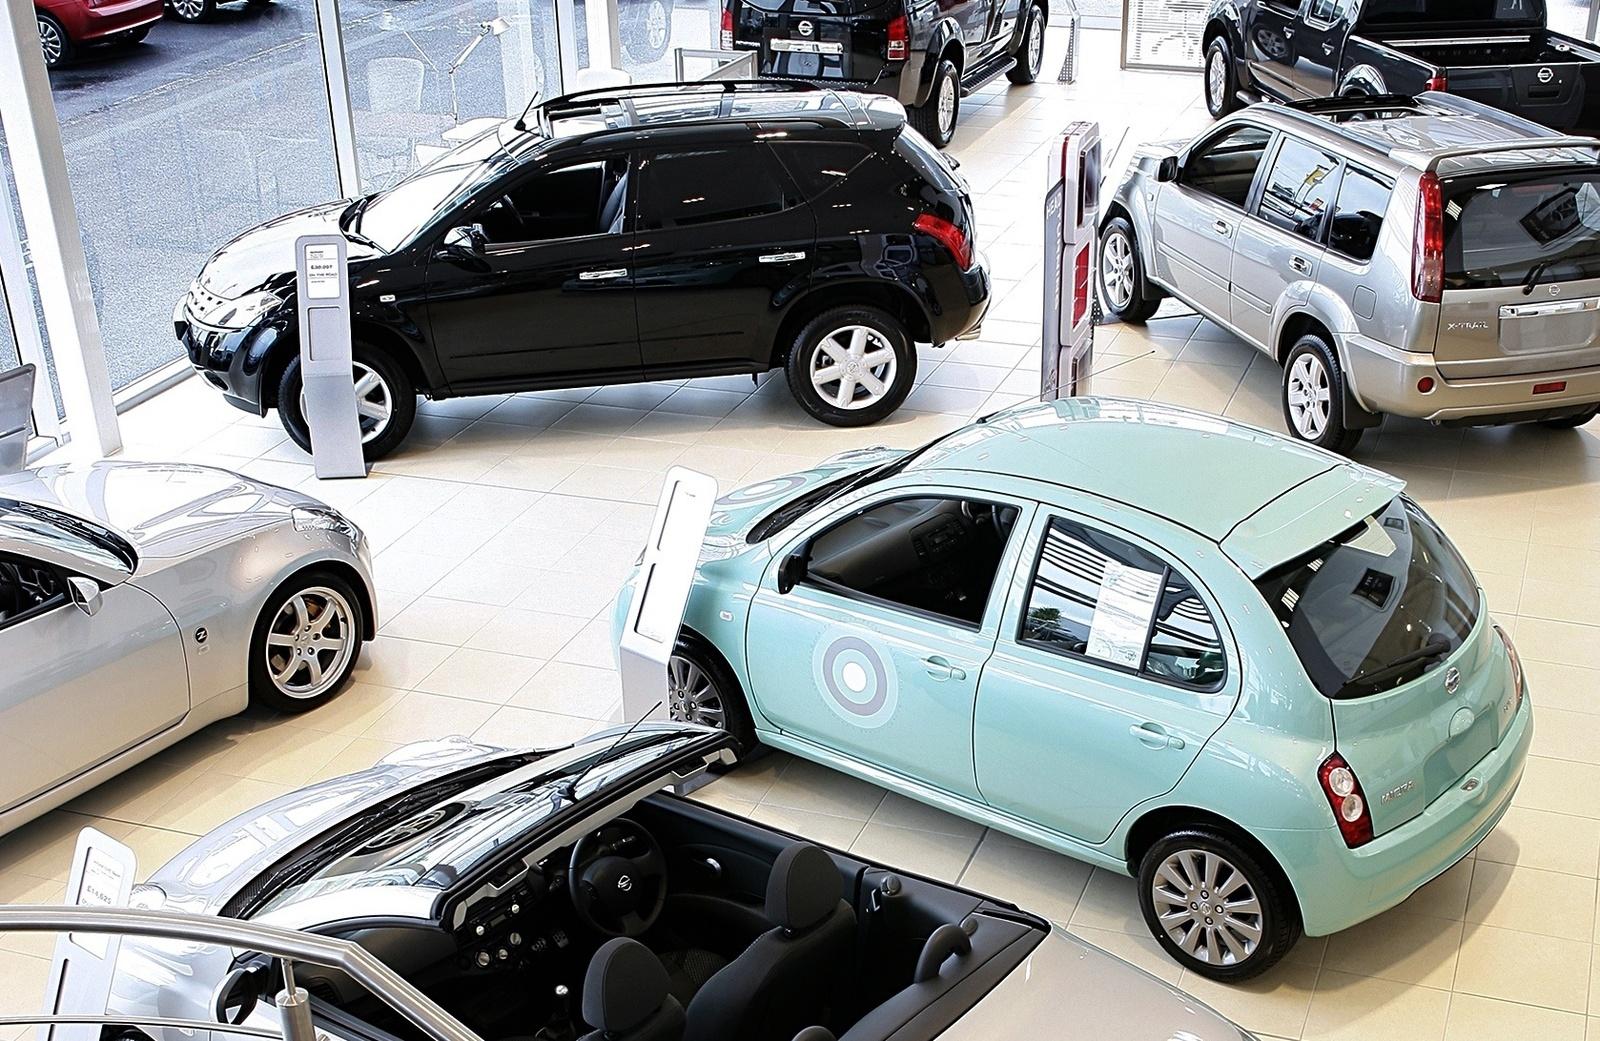 Autojen takuuajat - Euroopan ulkopuoliset merkit 2014